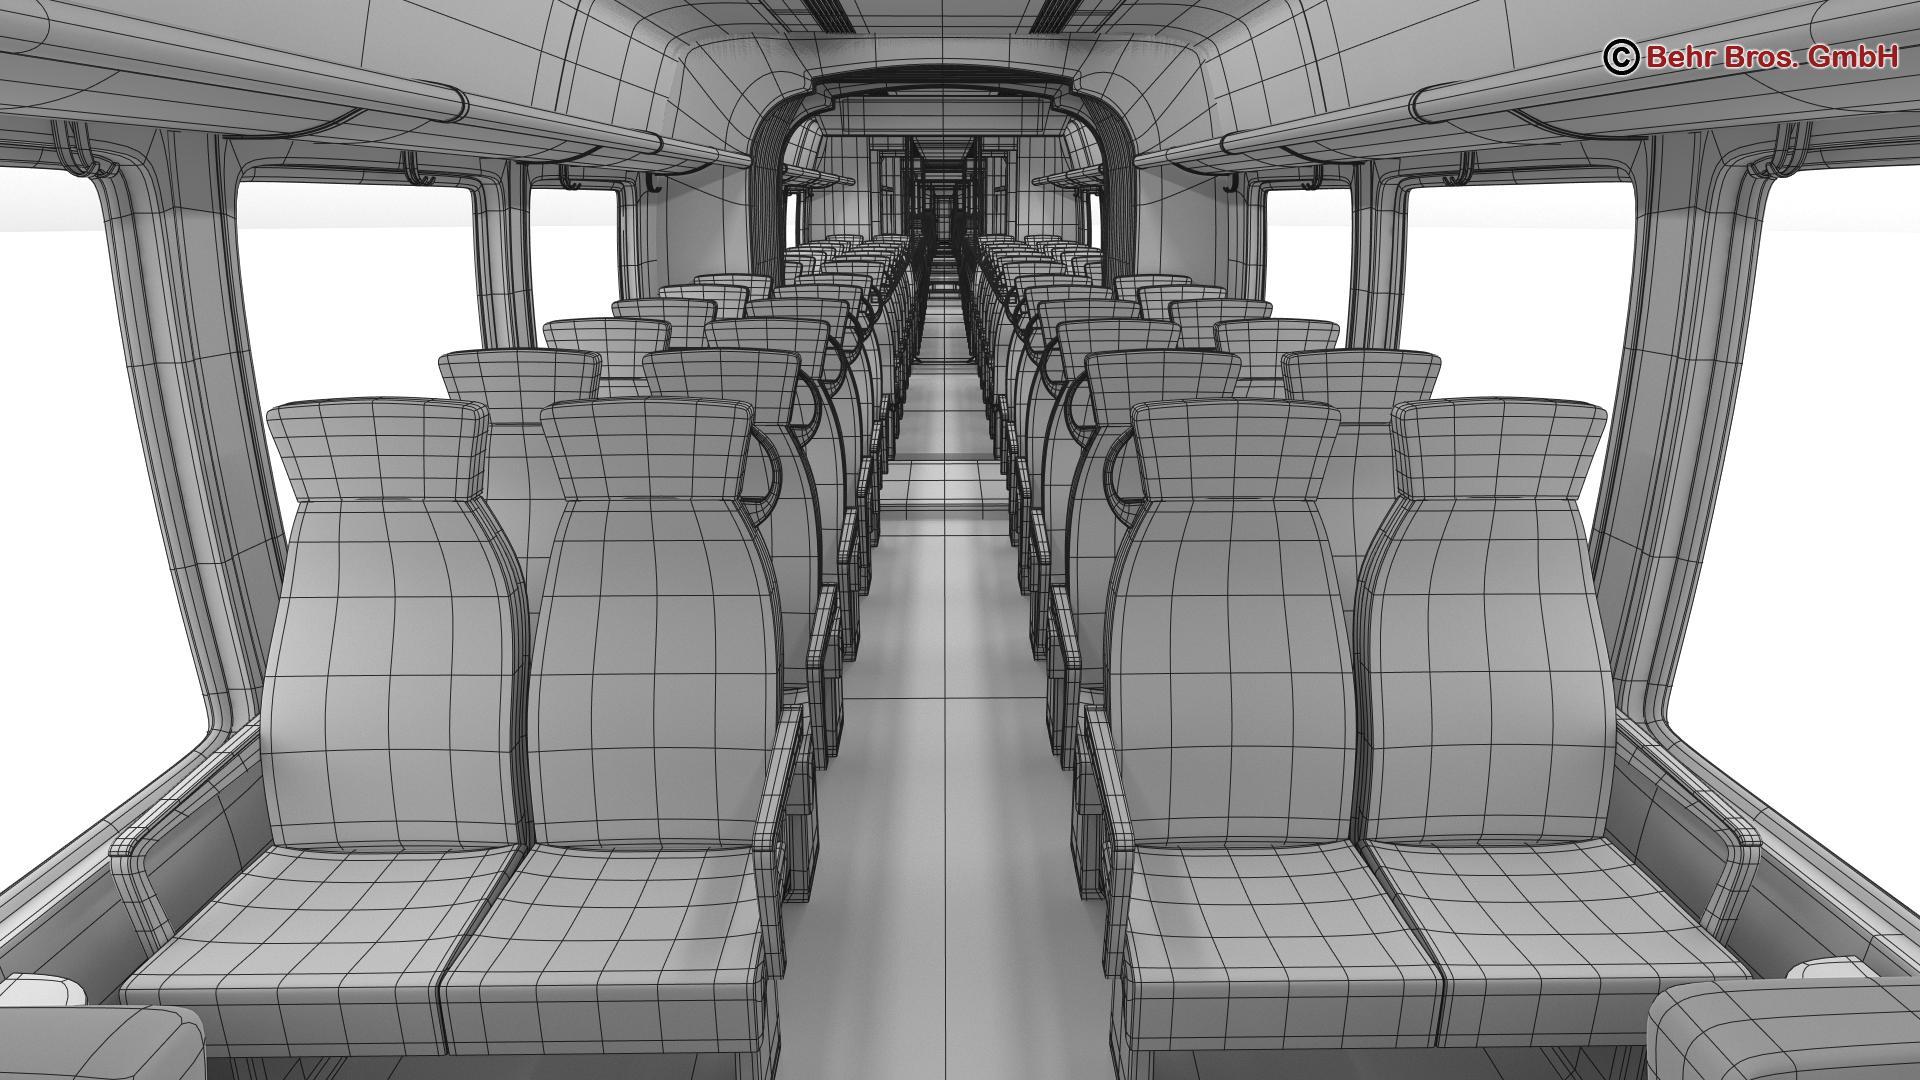 generic commuter train 3d model 3ds max fbx c4d ma mb obj 206649